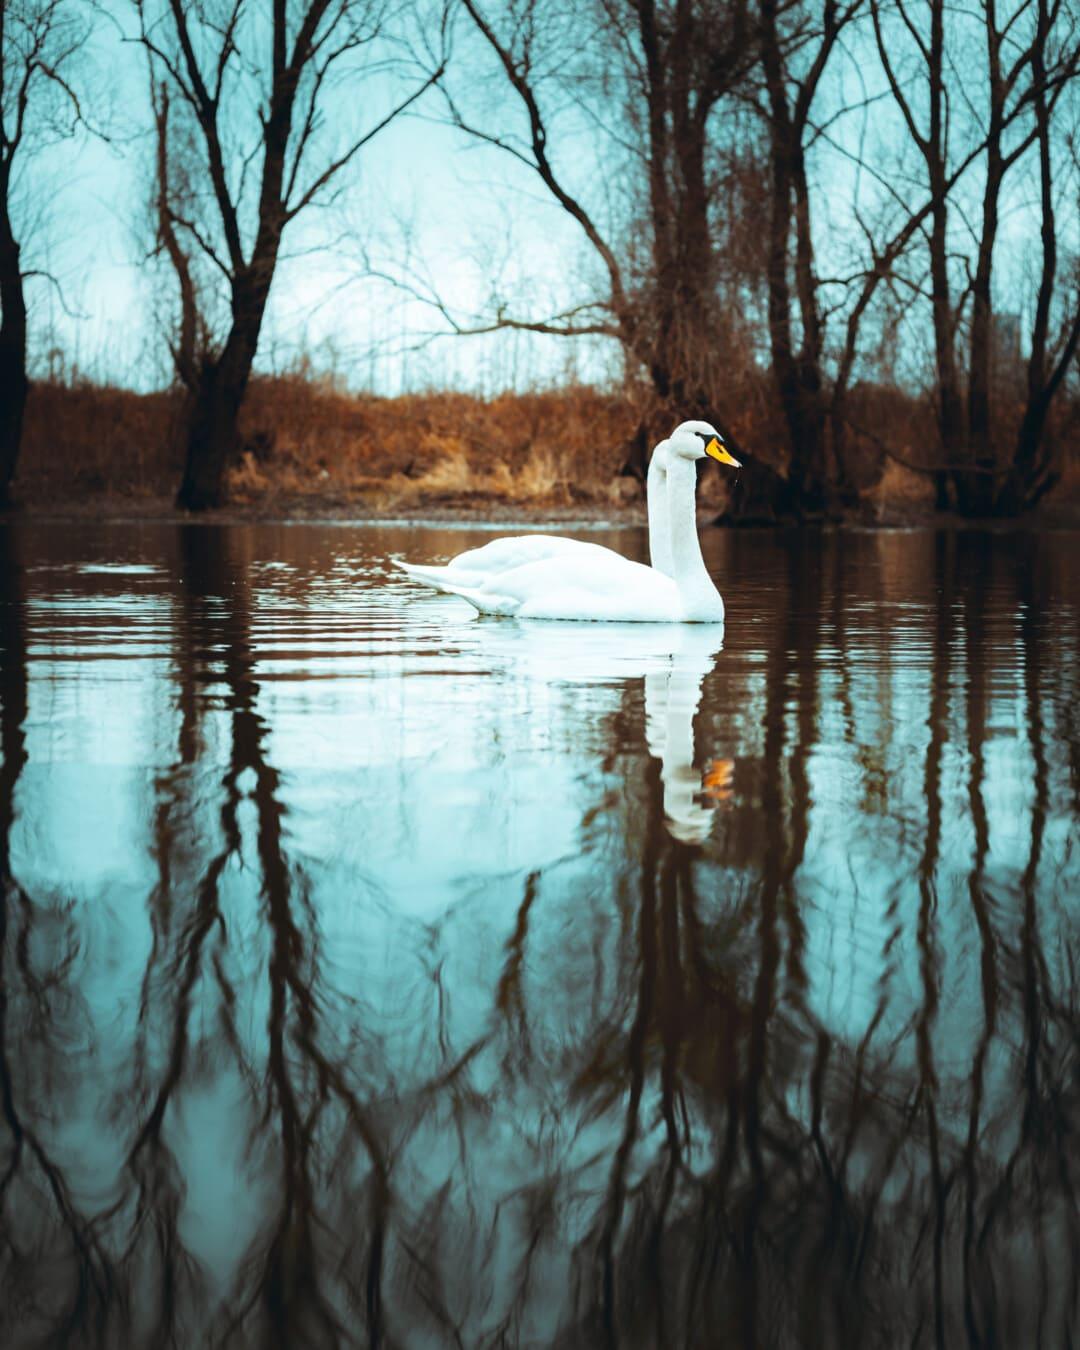 cygne, paire, au bord du lac, piscine, oiseau échassier, oiseau, nature, réflexion, eau, Lac